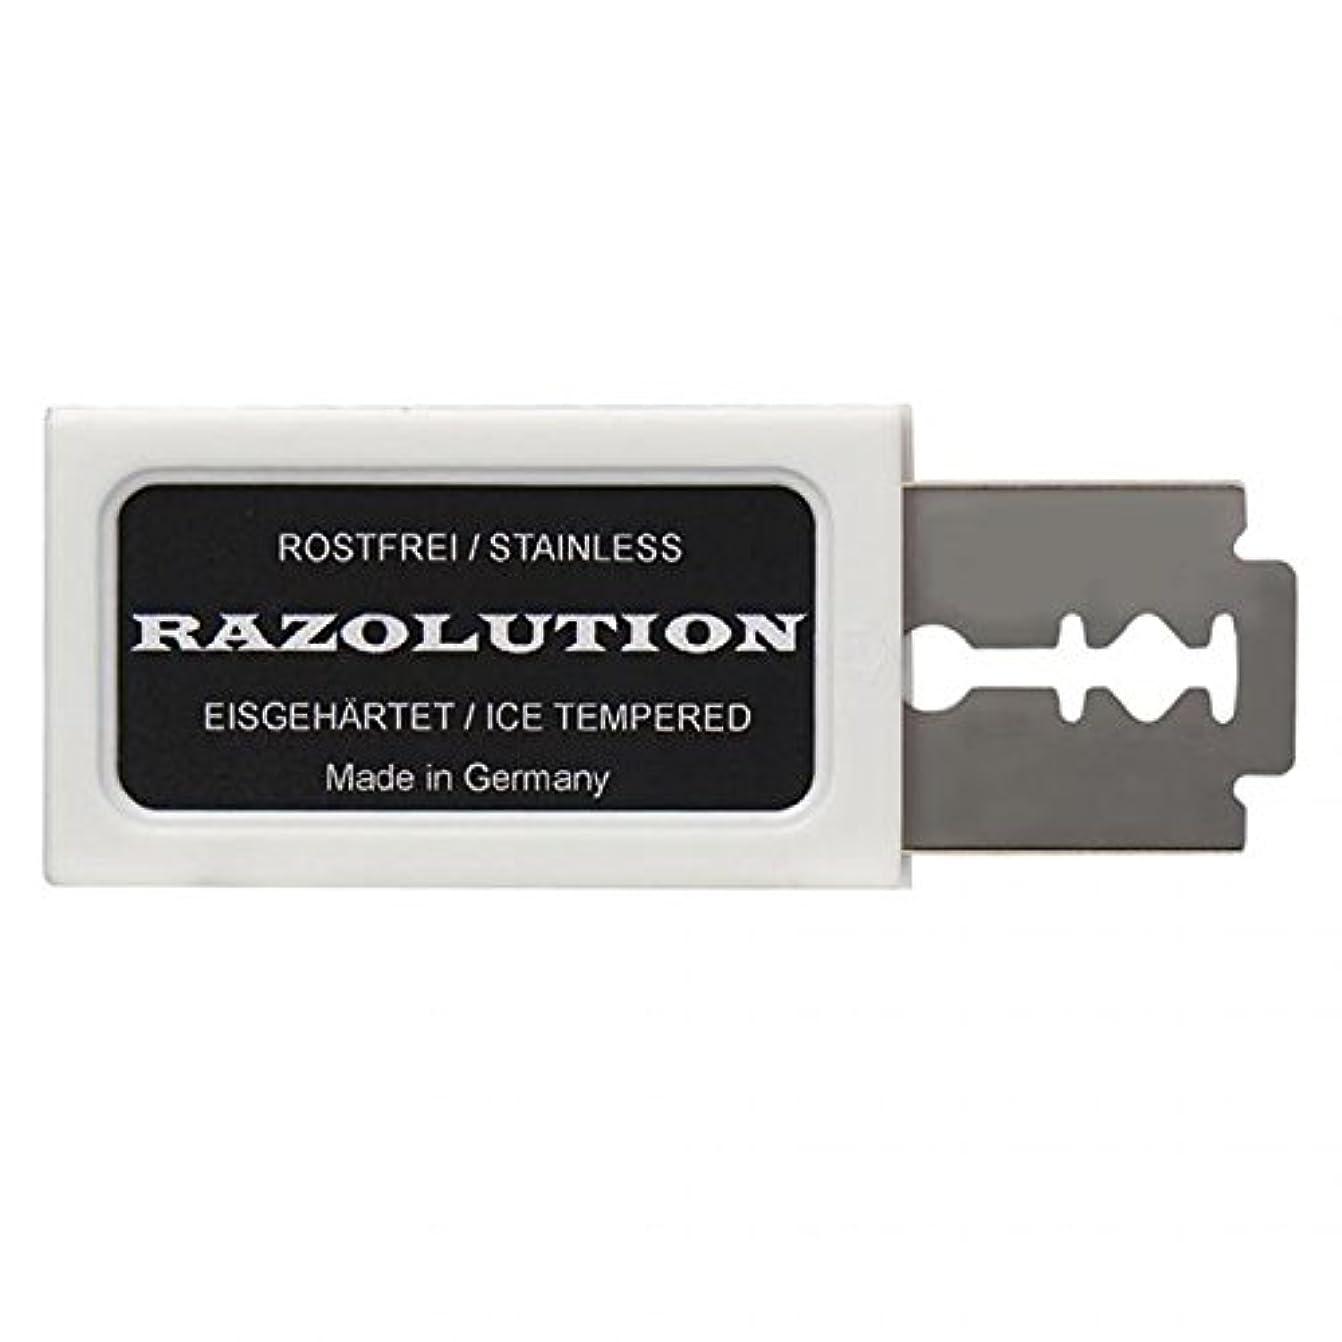 エクスタシーカスケードペダルRAZOLUTION Razor blades, 10 pieces, Made in Germany